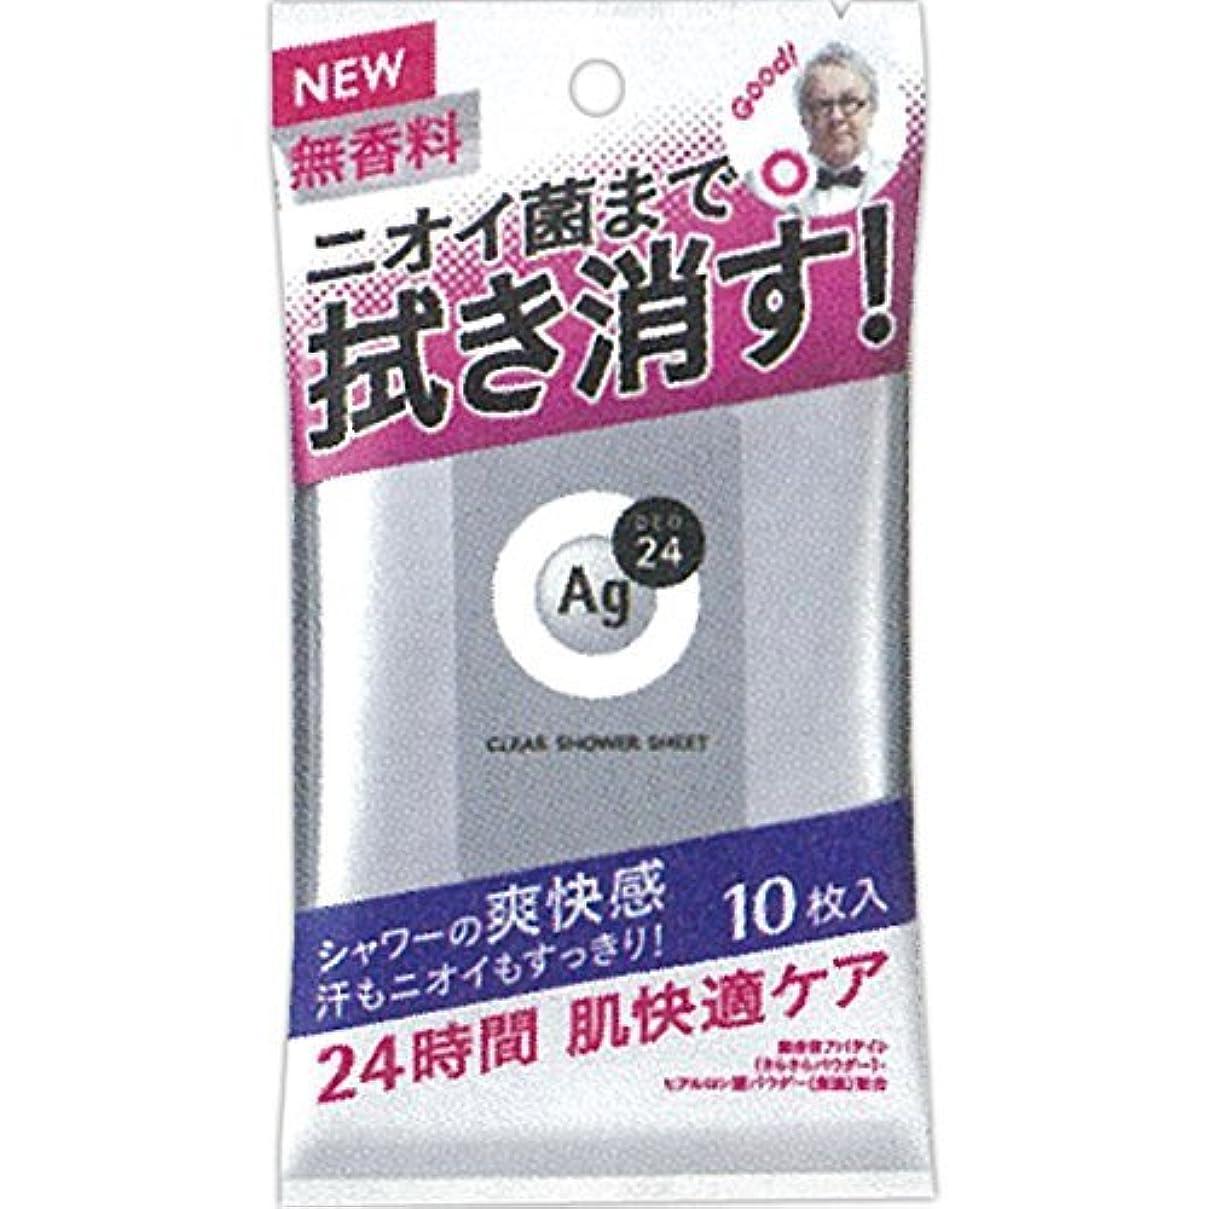 堀区別興味FTAgD24クリアシャワーシートNa S10枚